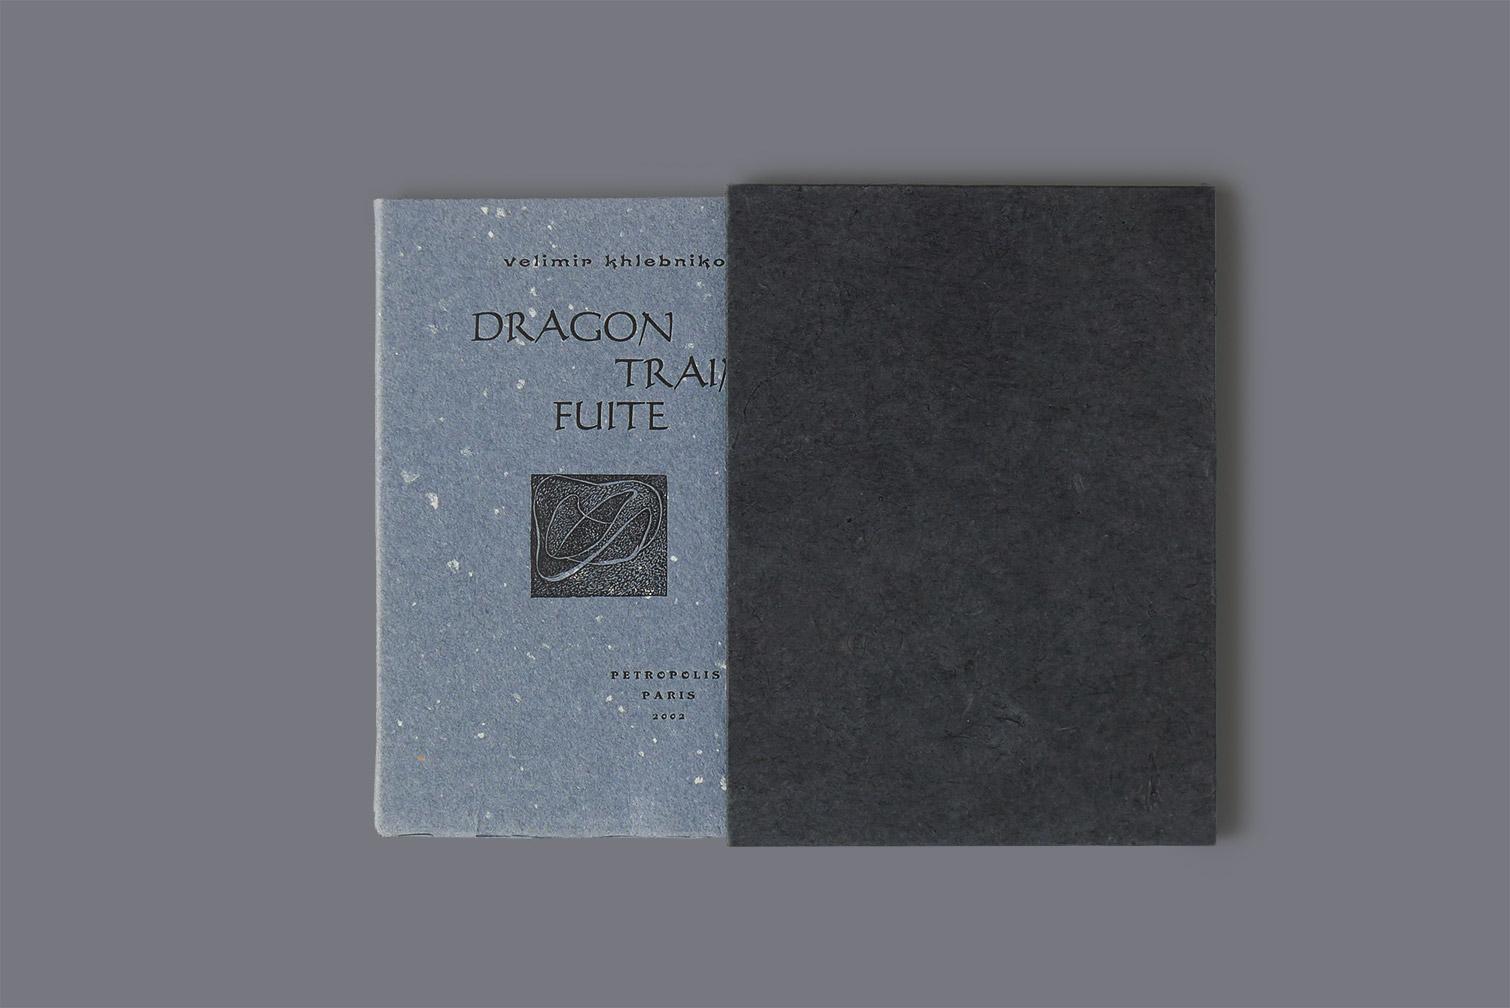 michael-caine-petropolis-khlebnikov-dragon-L1670777.jpg